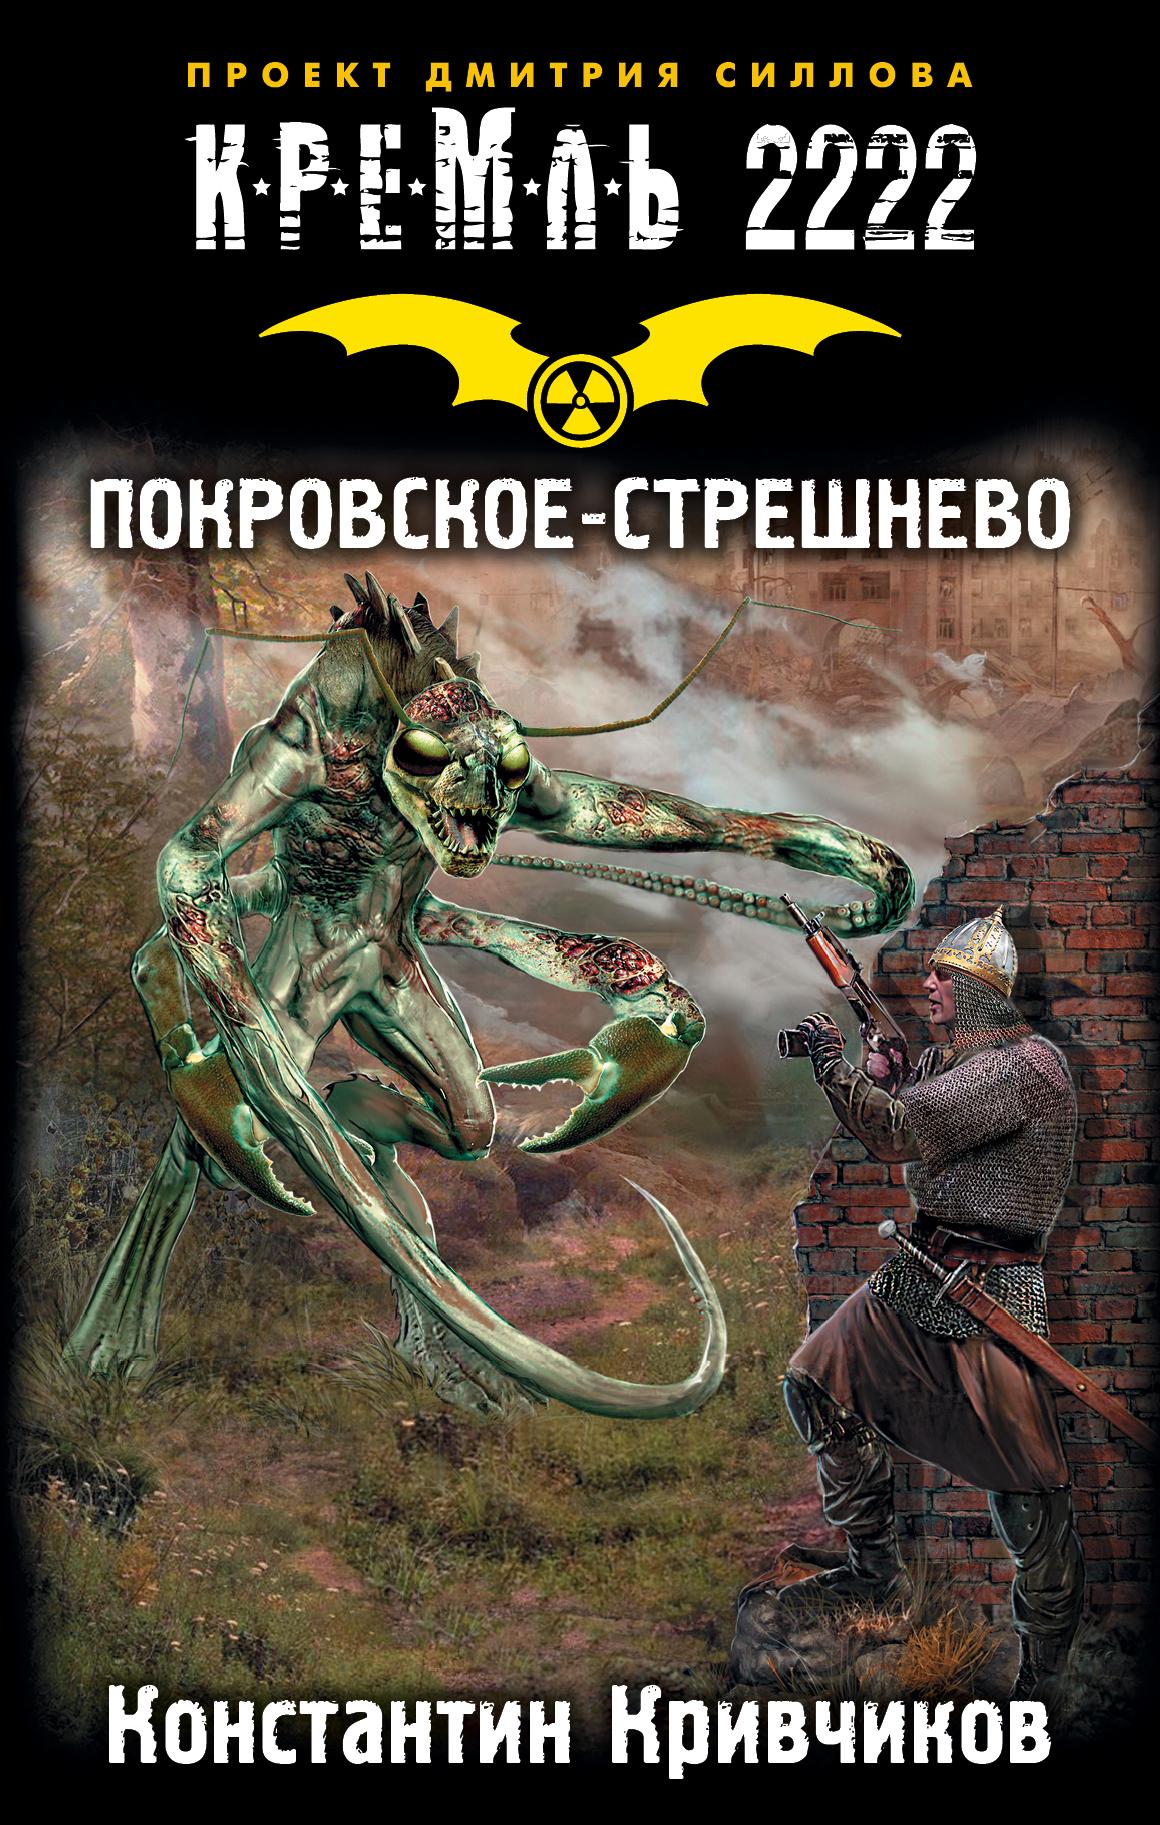 Кривчиков К.Ю. Кремль 2222. Покровское-Стрешнево